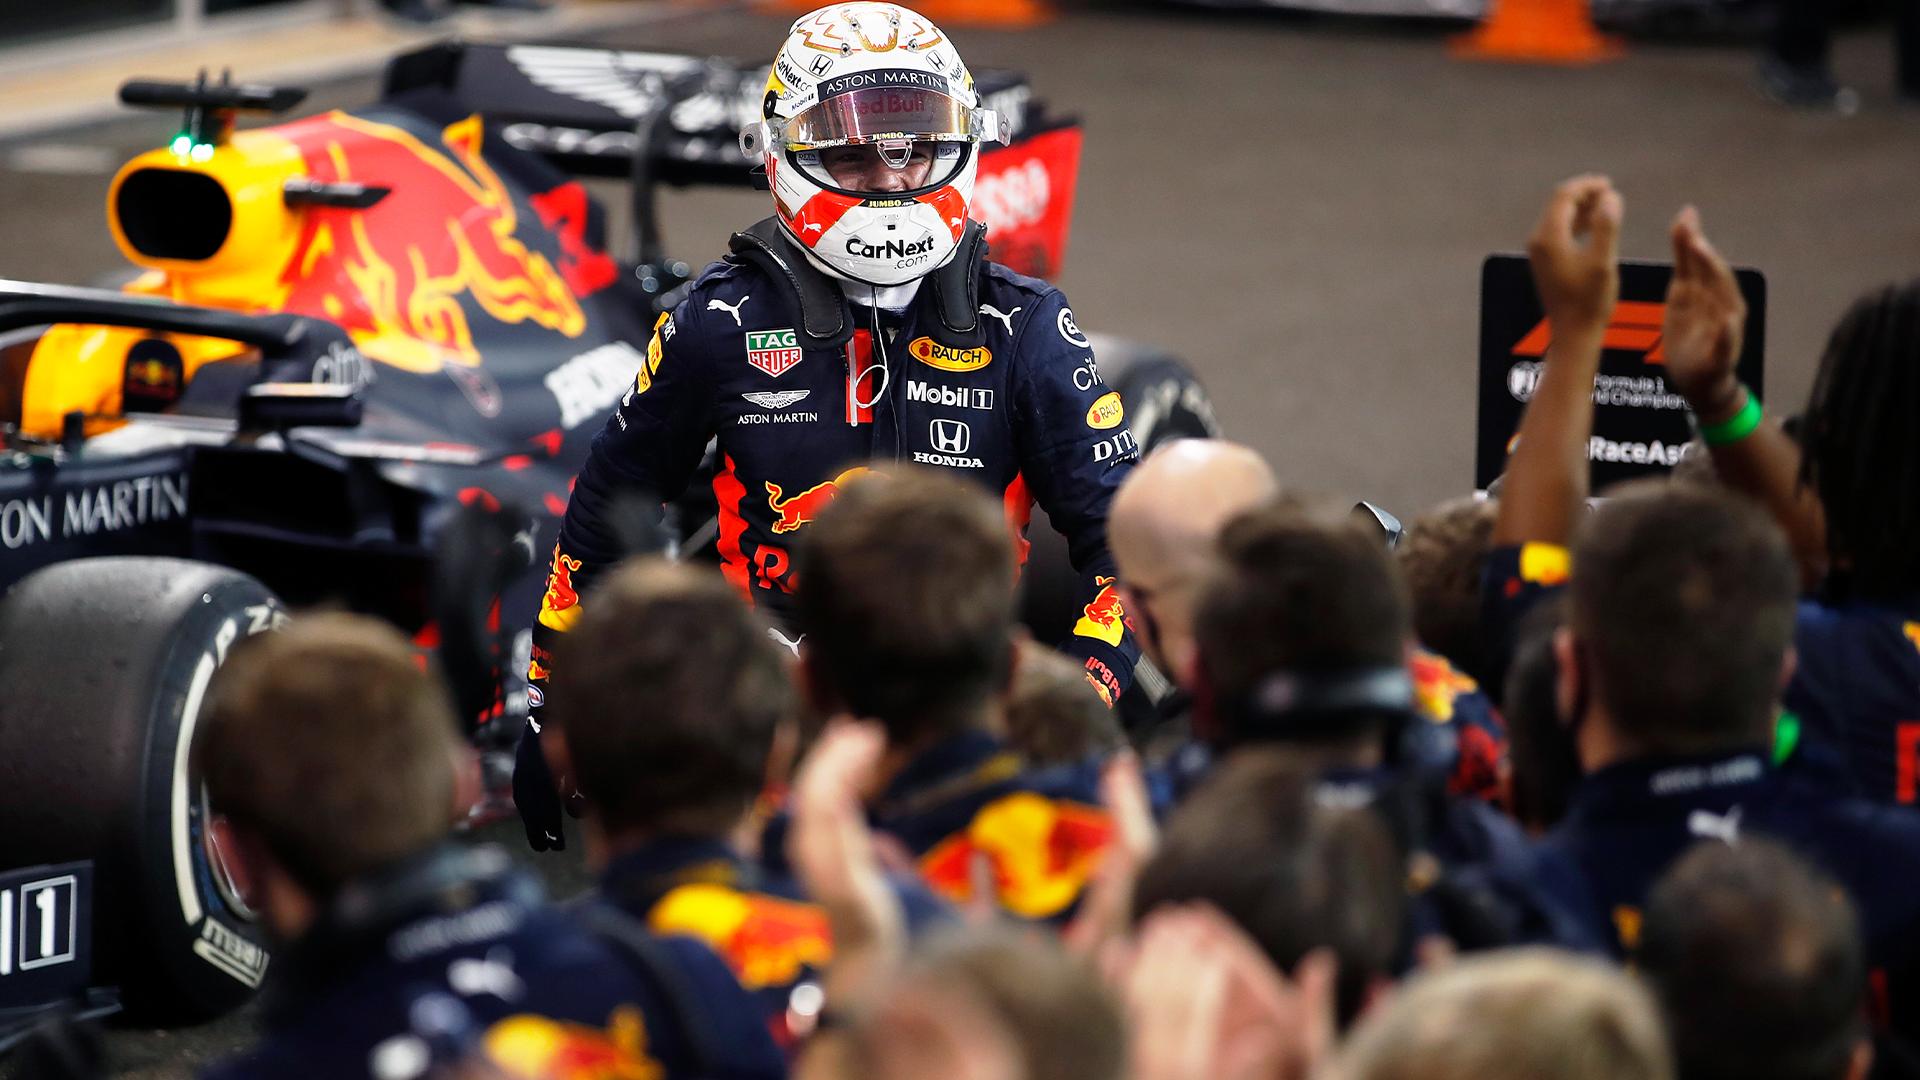 , Formula 1: Φερστάπεν και Red Bull πανηγύρισαν στο φινάλε του Παγκοσμίου πρωταθλήματος